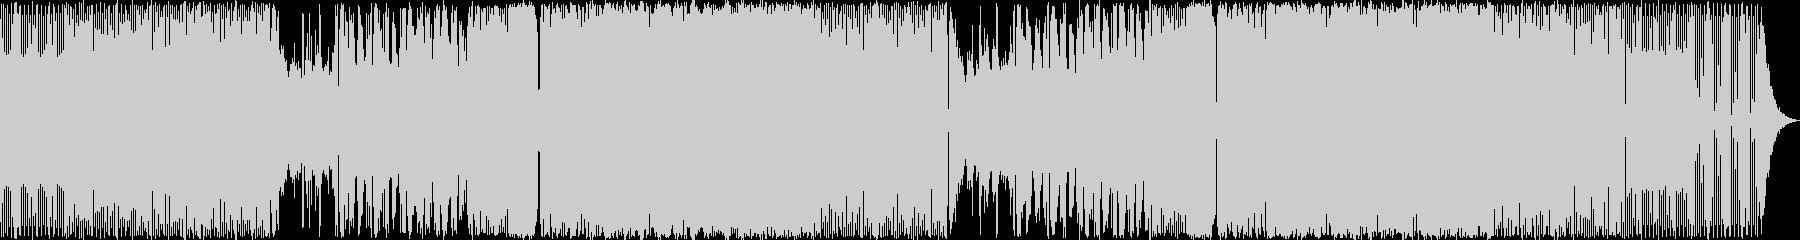 エレクトロハウスバージョンのポップ...の未再生の波形